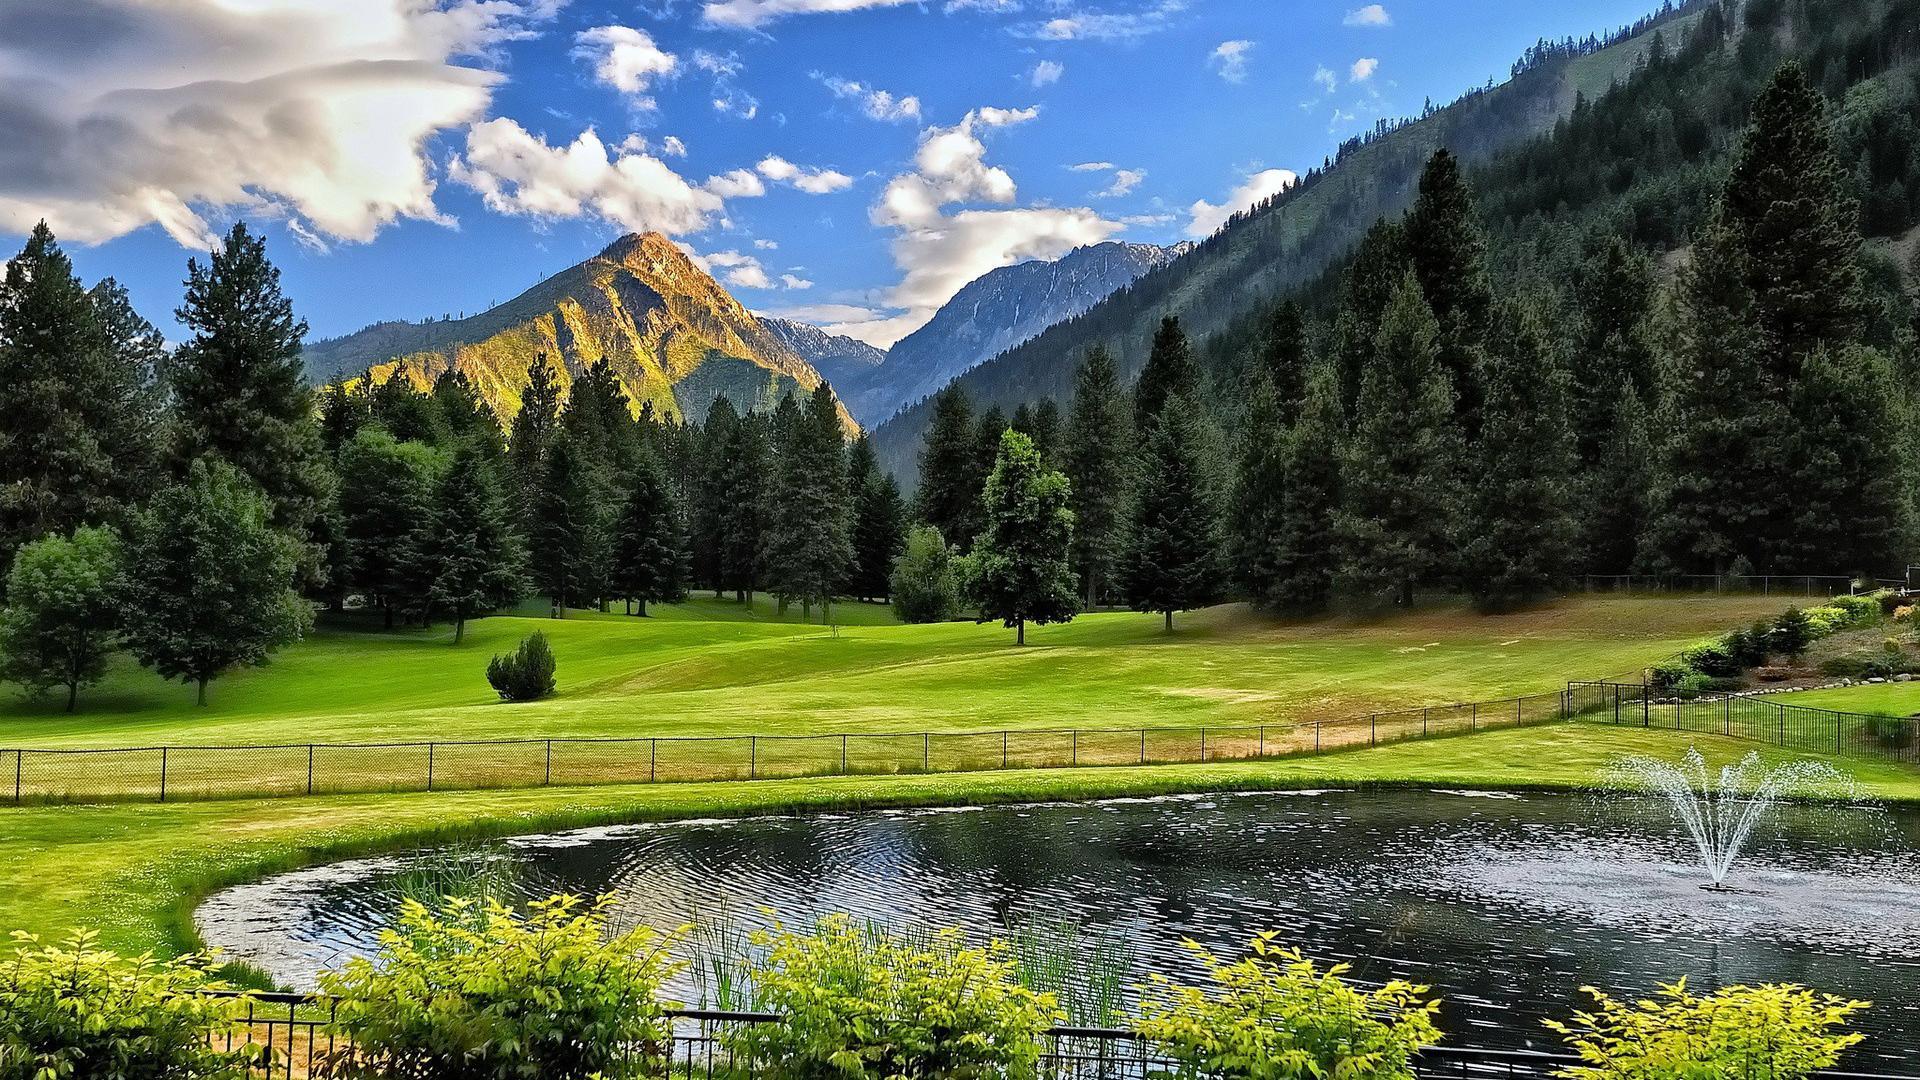 唯美清新的绿色公园风景图片高清壁纸